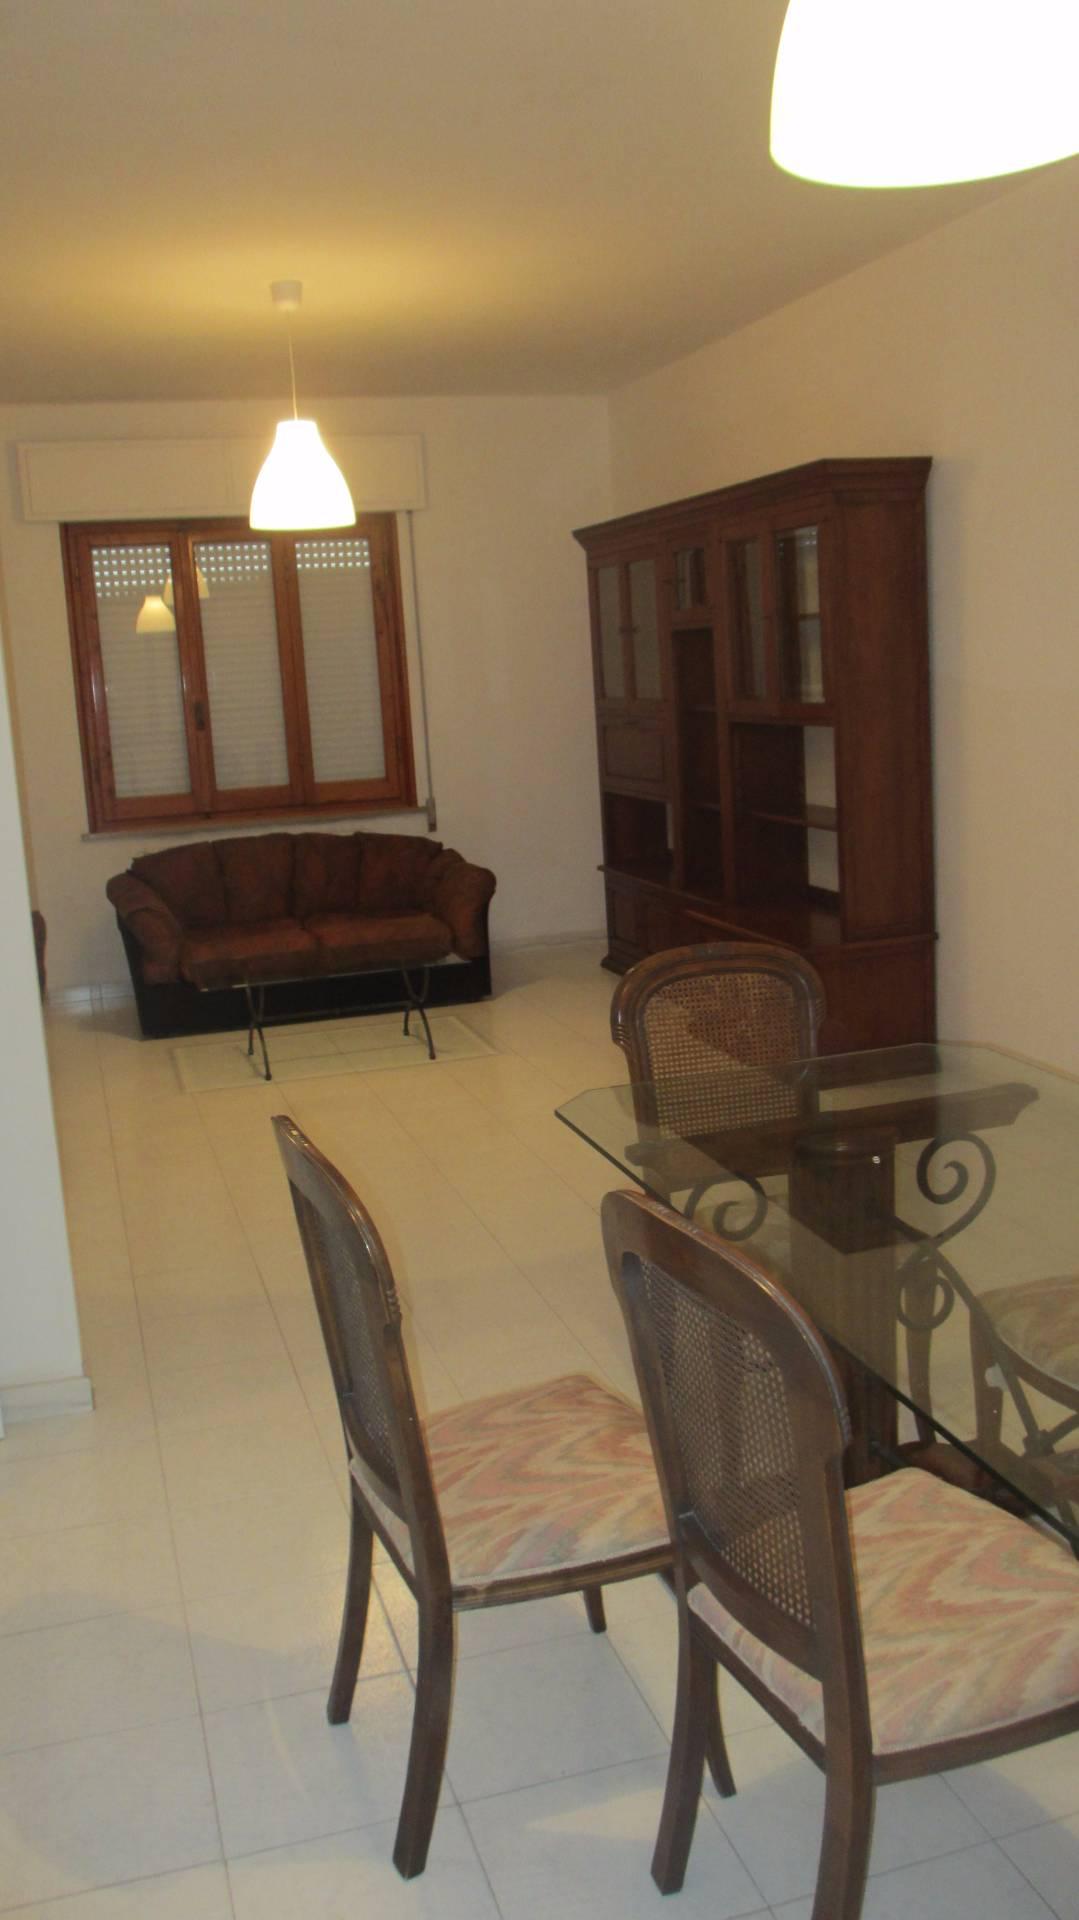 Soluzione Indipendente in affitto a Vinci, 5 locali, zona Località: Sovigliana-Spicchio, prezzo € 850 | Cambio Casa.it